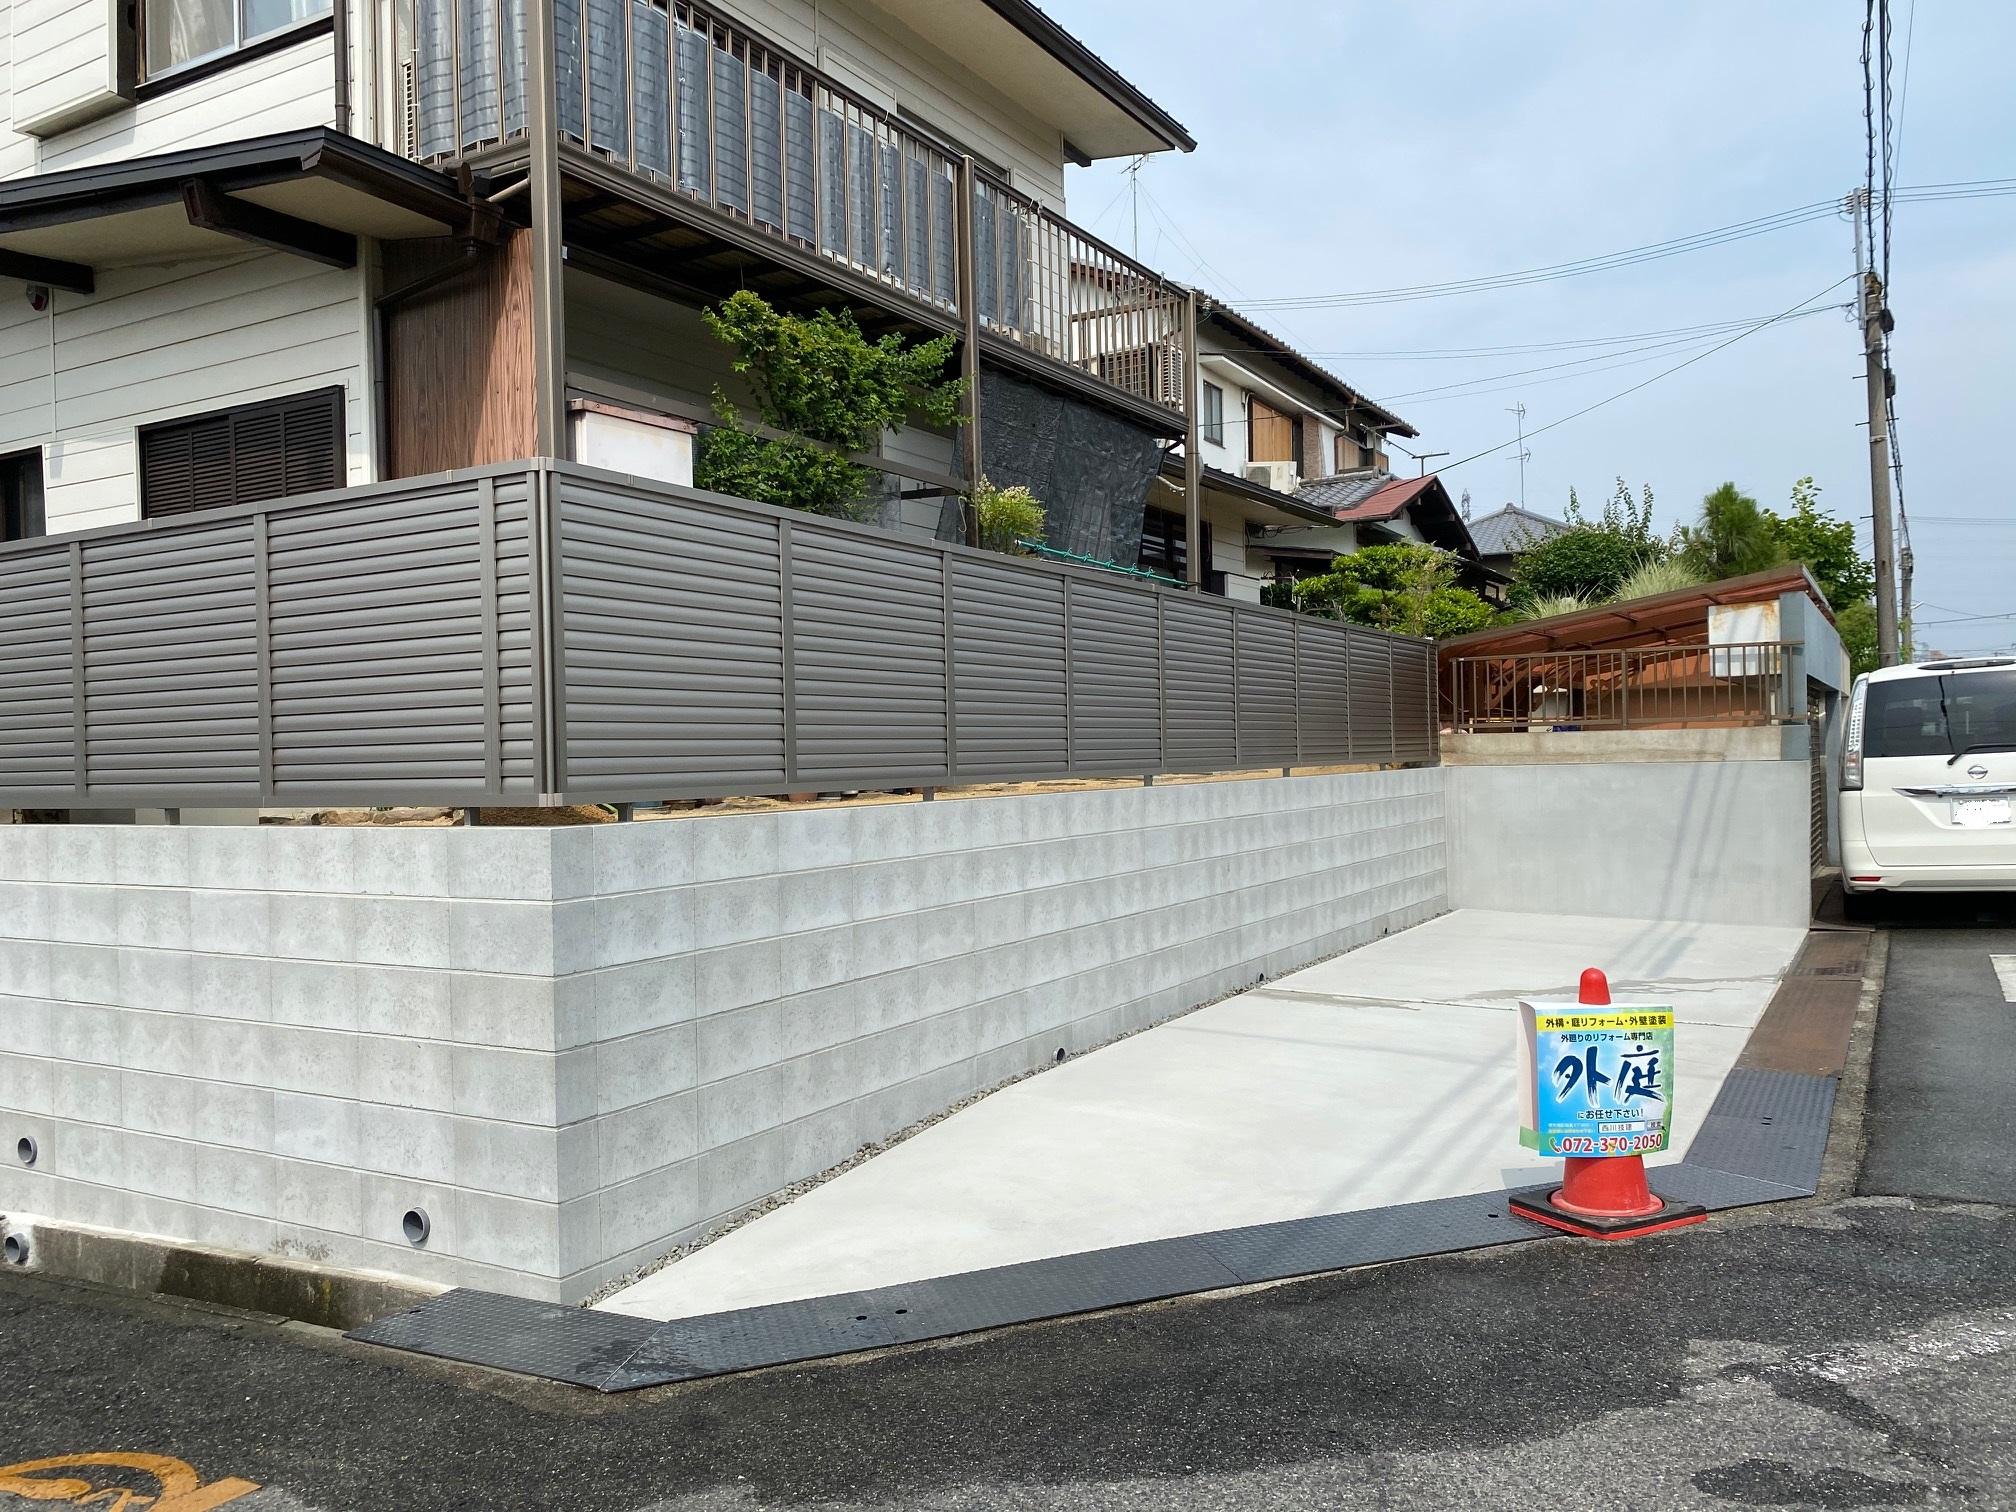 堺市西区 F様邸外構リフォーム工事完成しました!